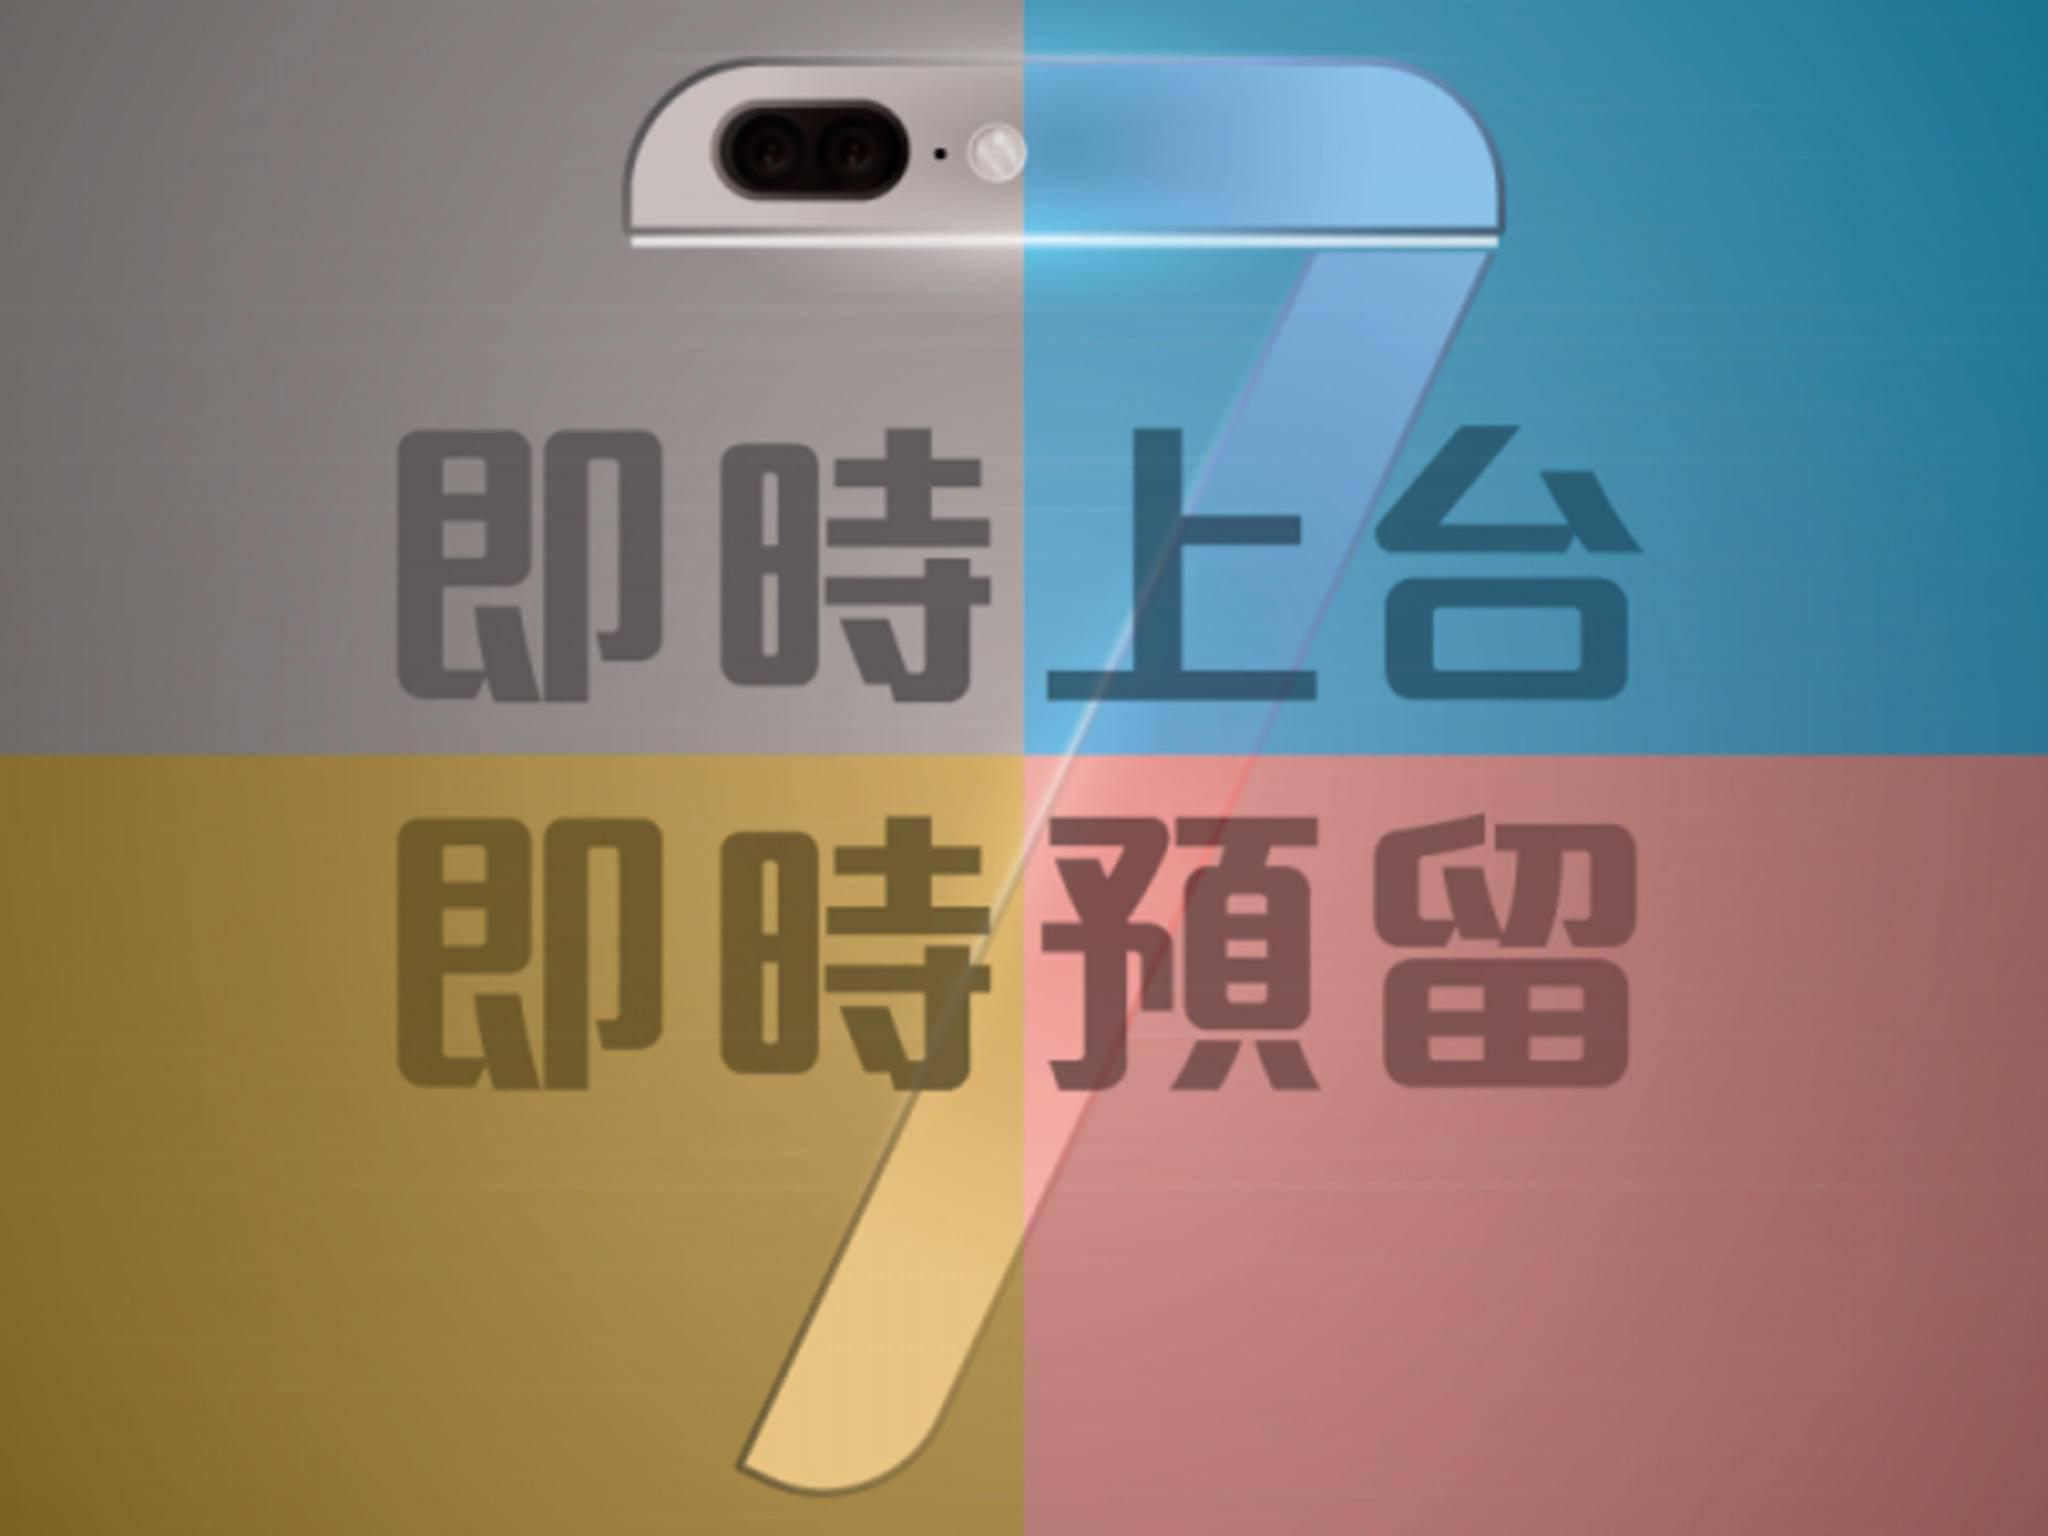 So wirbt China Unicom bereits für das iPhone 7.